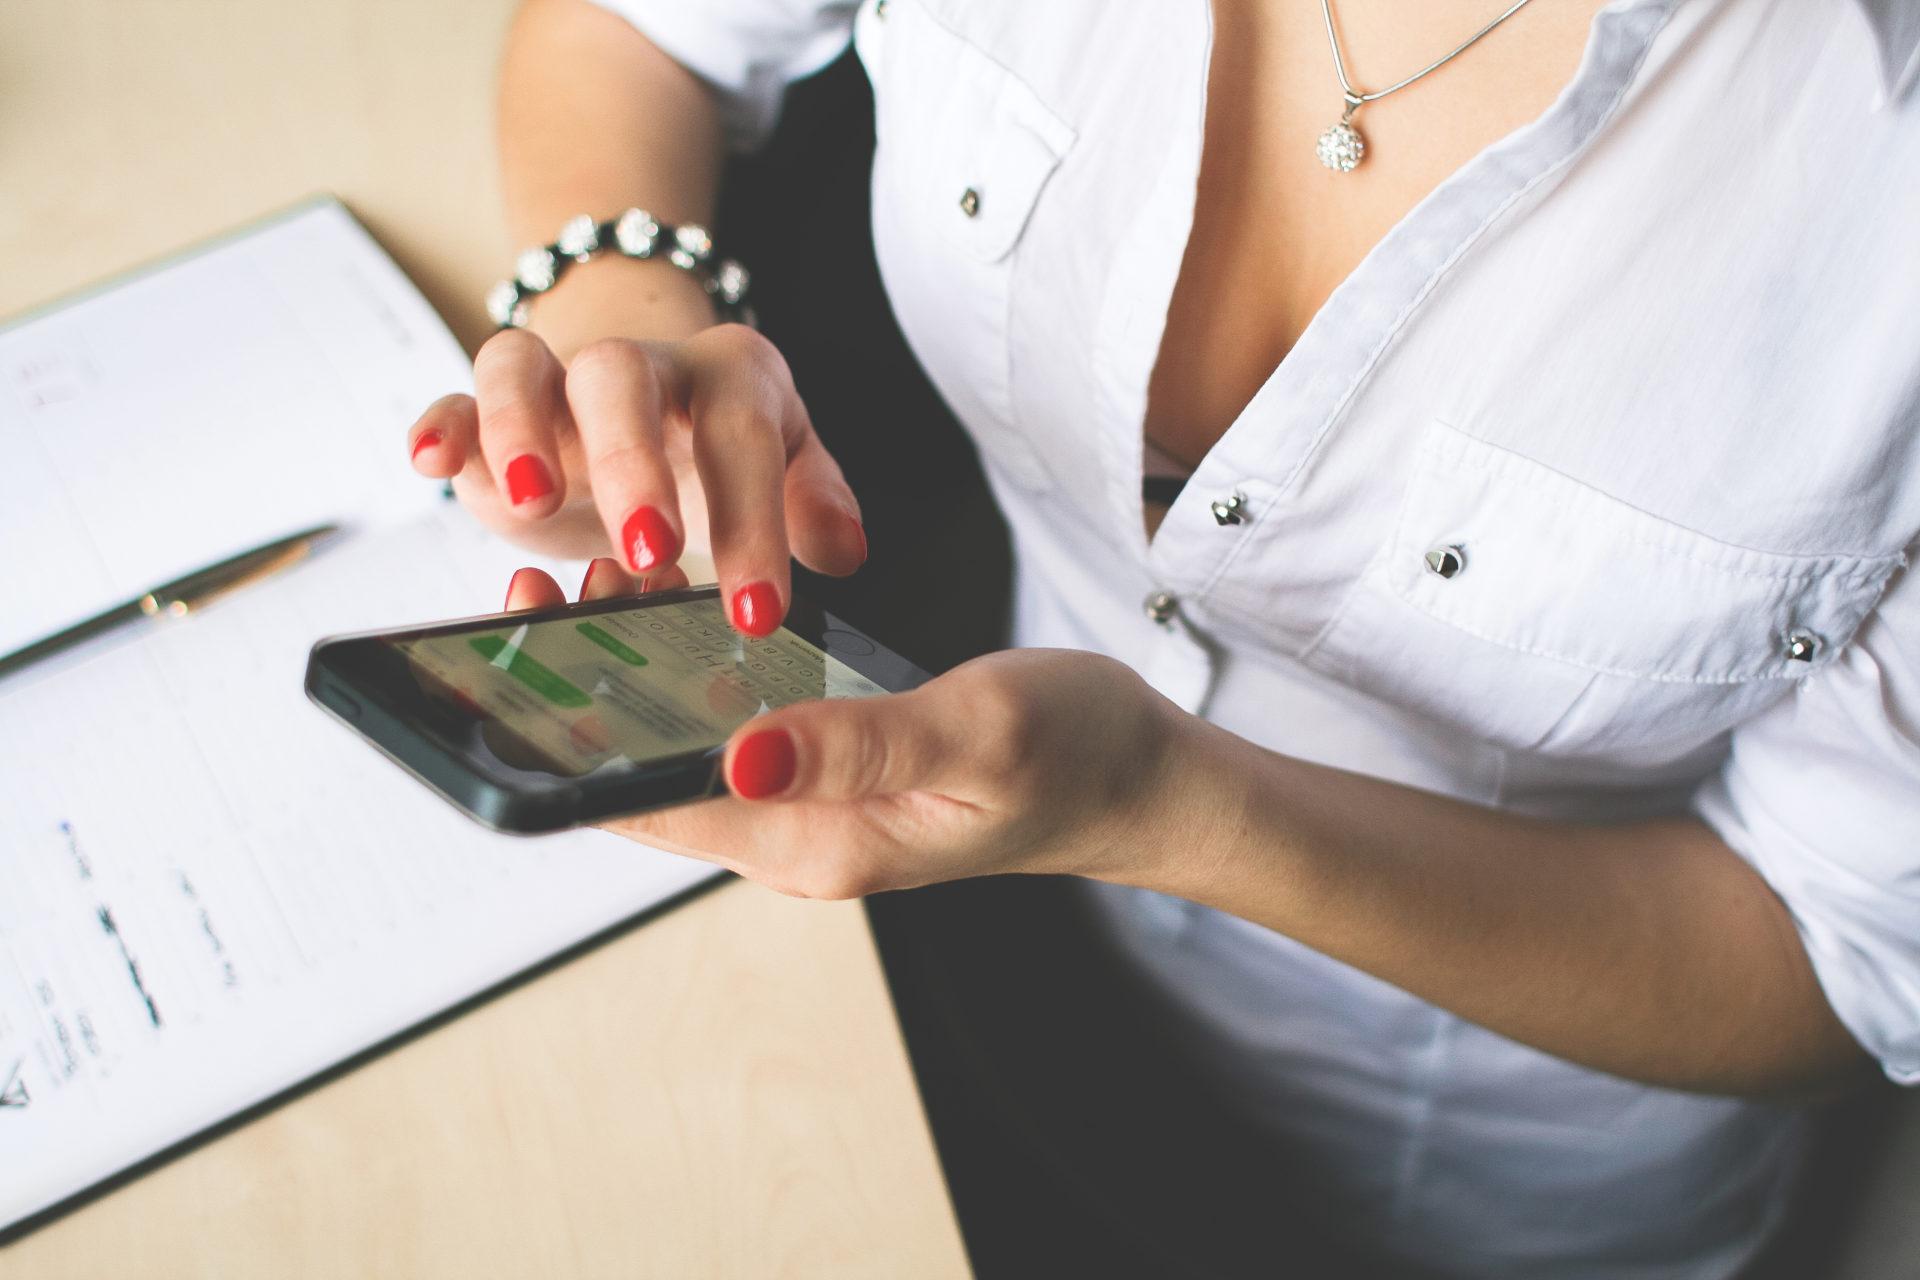 5 vrsta razgovora koja nikako ne smete voditi putem poruka